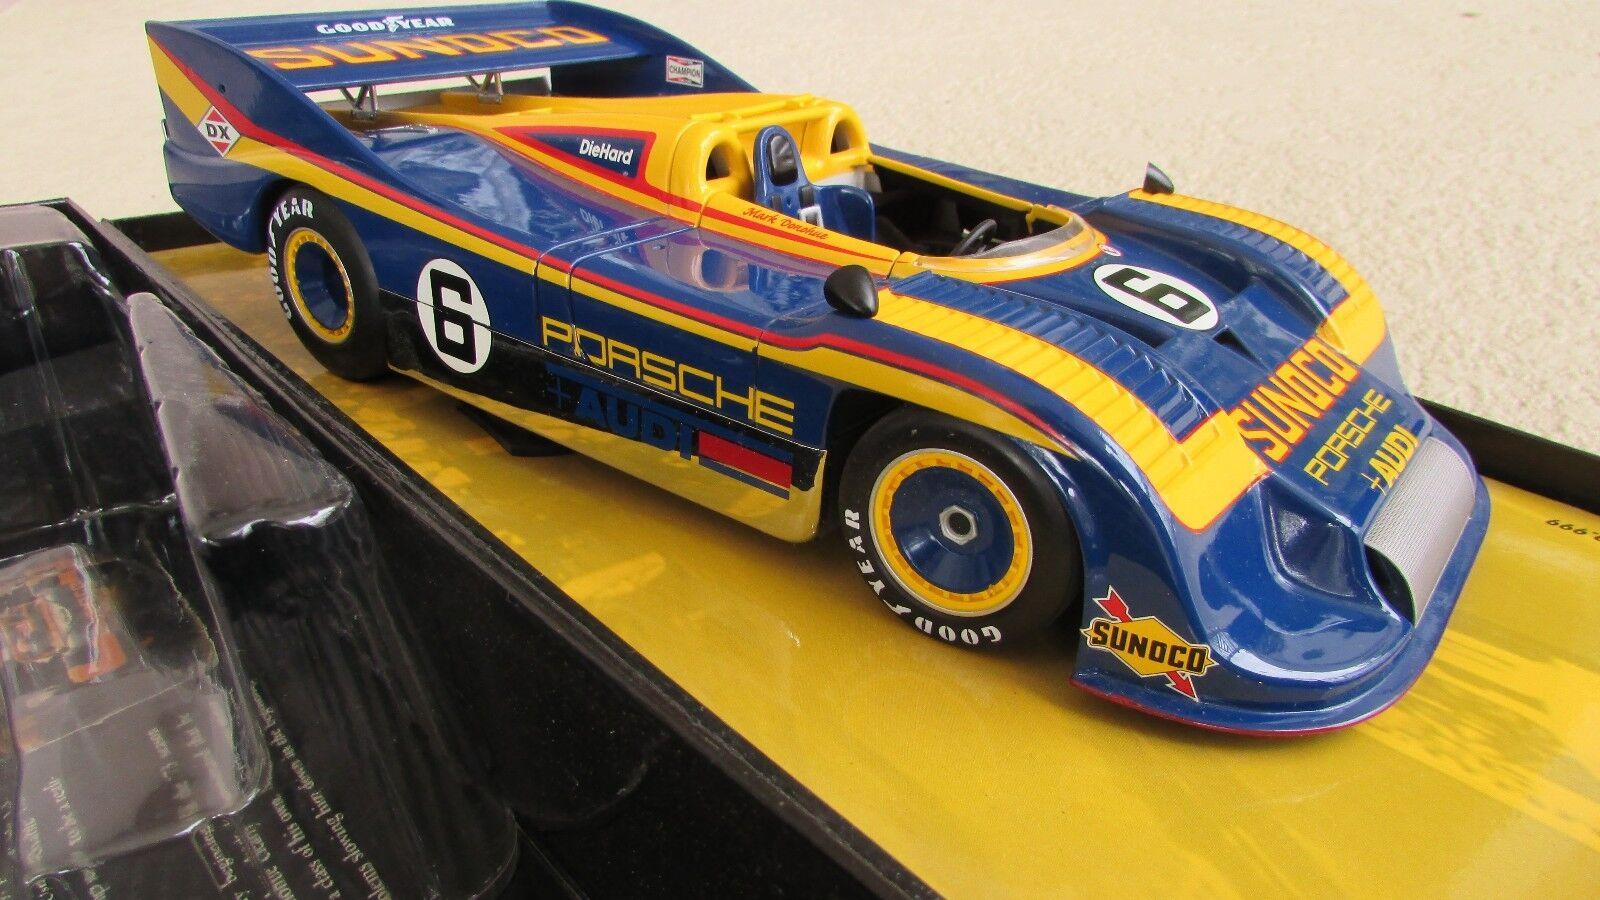 1973 Porsche 917/30 Voiture de Course Mark Donohue Donohue Donohue Penske Sunoco Can Am | Facile à Nettoyer Surface  | Forme élégante  ca2ec7